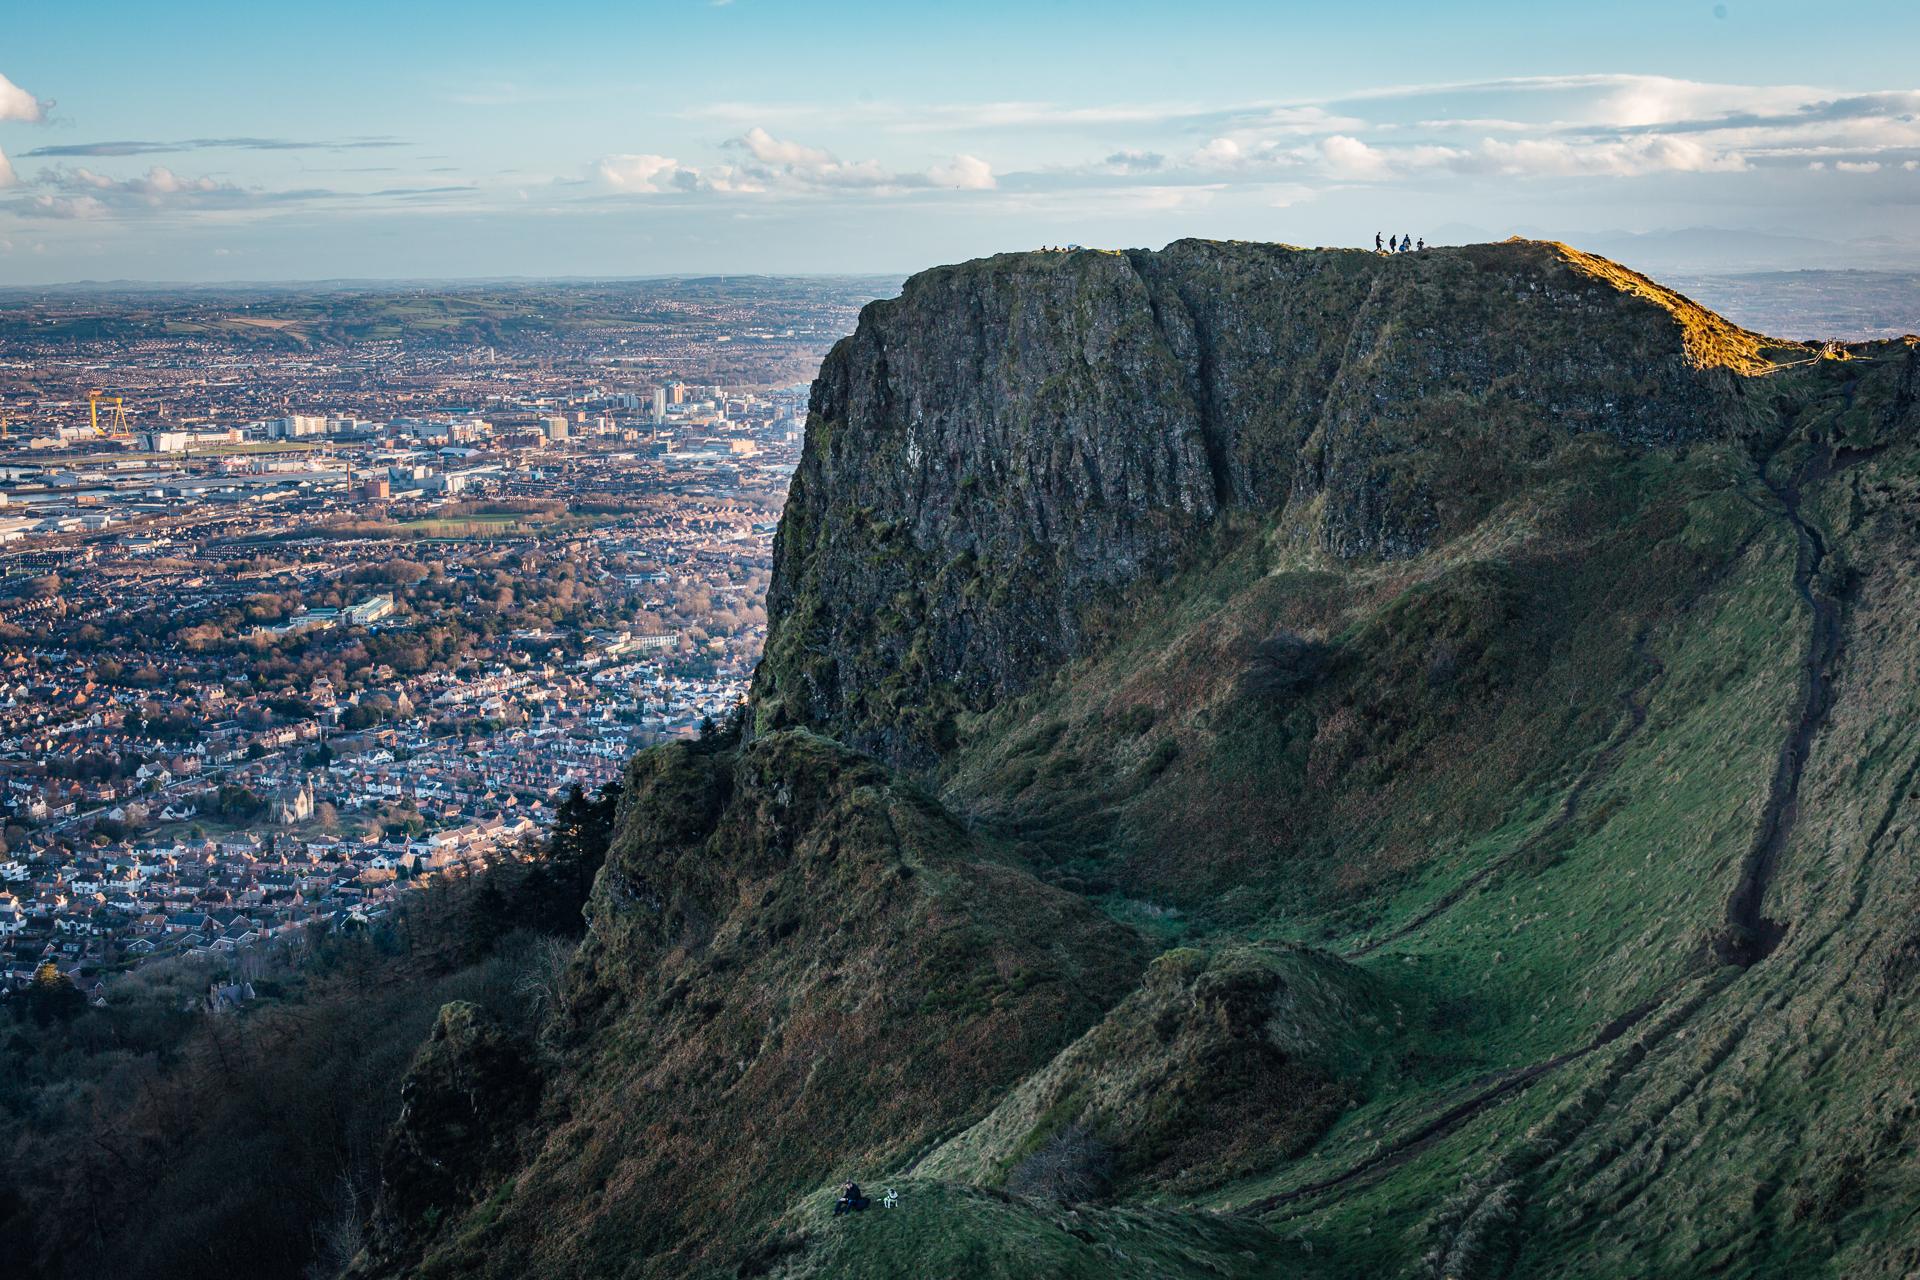 Belfast, le 27 février 2017. Vue sur Belfast à partir de Cave Hill, colline surplombant la ville, paradis des randonneurs et des joggers.